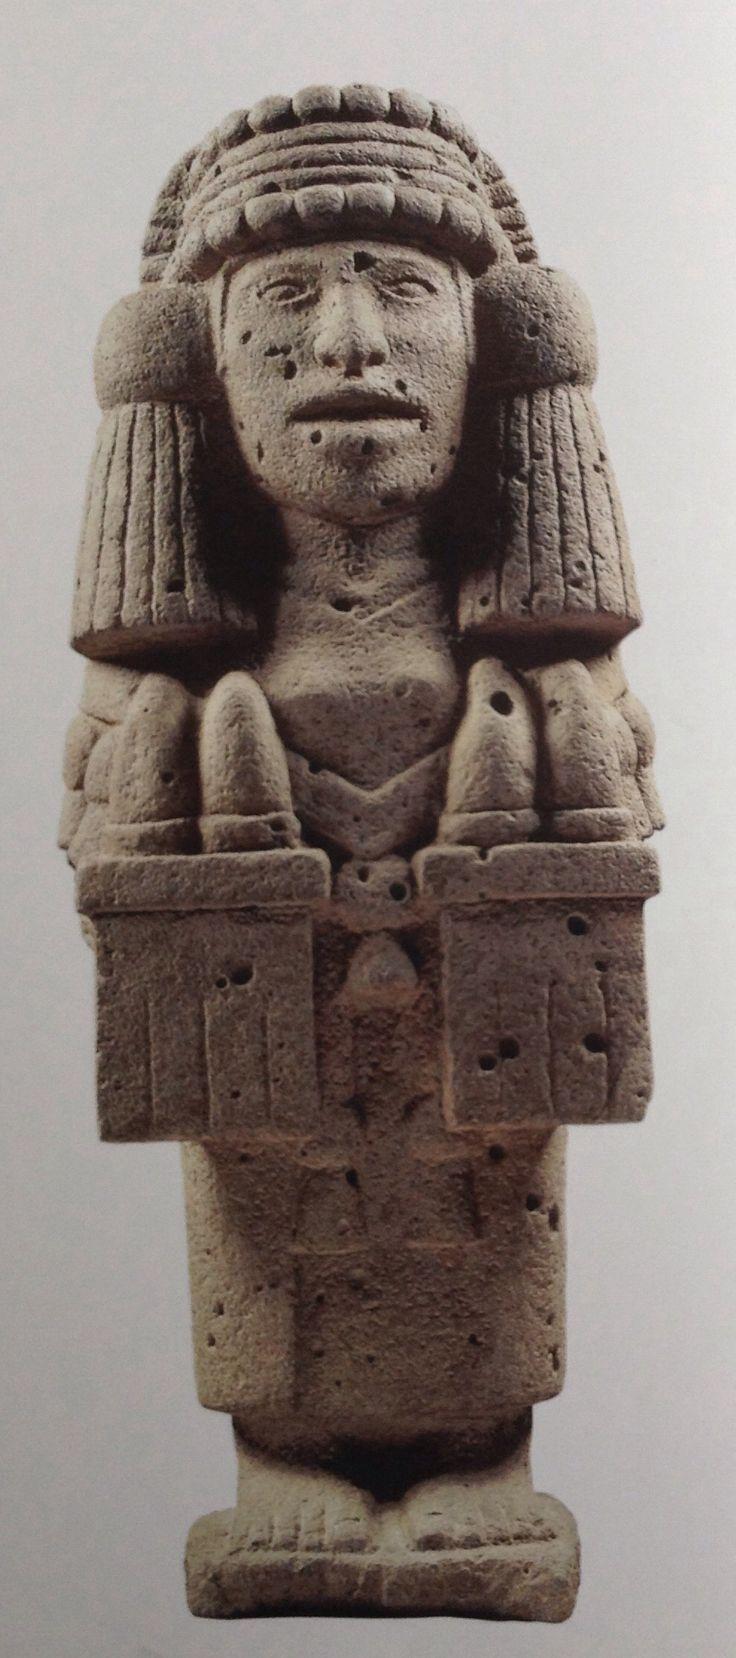 """Chicomecóatl (""""siete serpientes"""") es sin duda la más importante de todas las deidades de la vegetación, y por eso los antiguos escritores e investigadores la llamaban """"diosa de los mantenimientos"""". También se le conoce con el nombre de """"siete mazorcas de maíz"""", Chicomolotzin o """"diosa de los mieses y todo género de simientes y legumbres"""", Chalchiuhcihuatl. [2] """"Diosa de los mantenimientos, así de los que se come como de lo que se debe"""". Se menciona que """"debió […] ser la primera que comenzó a…"""